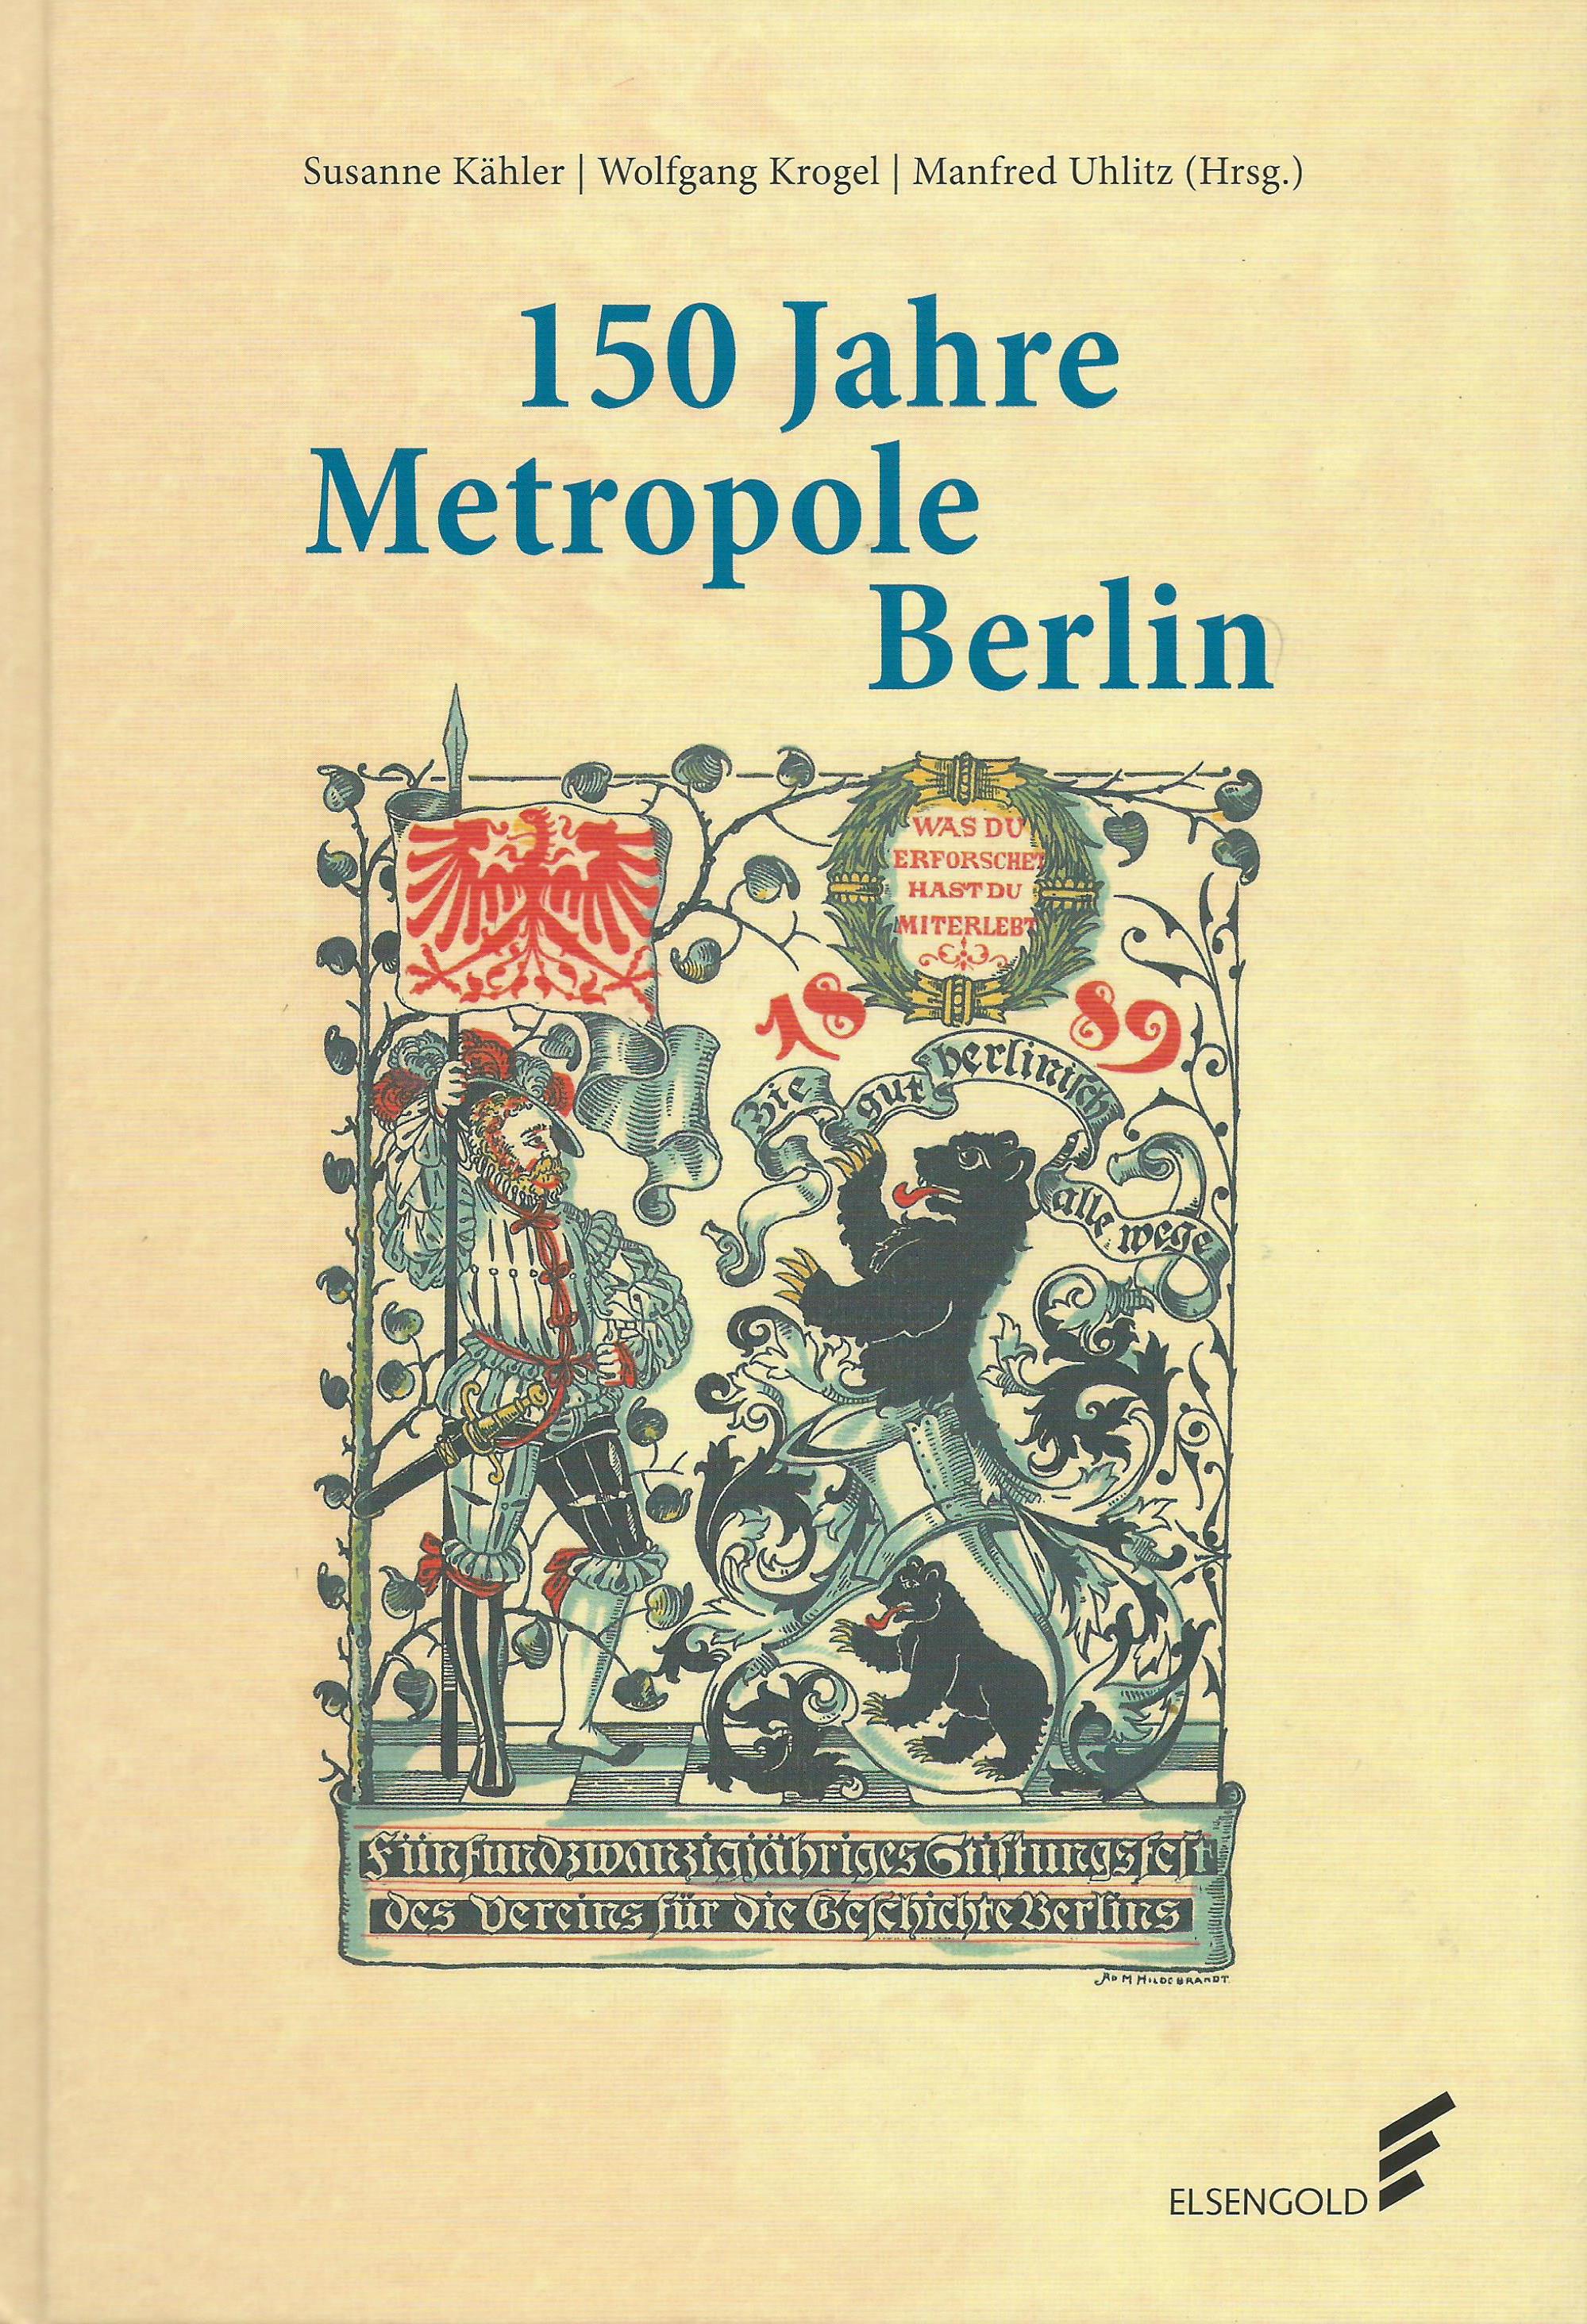 Dateijahrbuch Verein Für Die Geschichte Berlins Deckblatt 2014 15